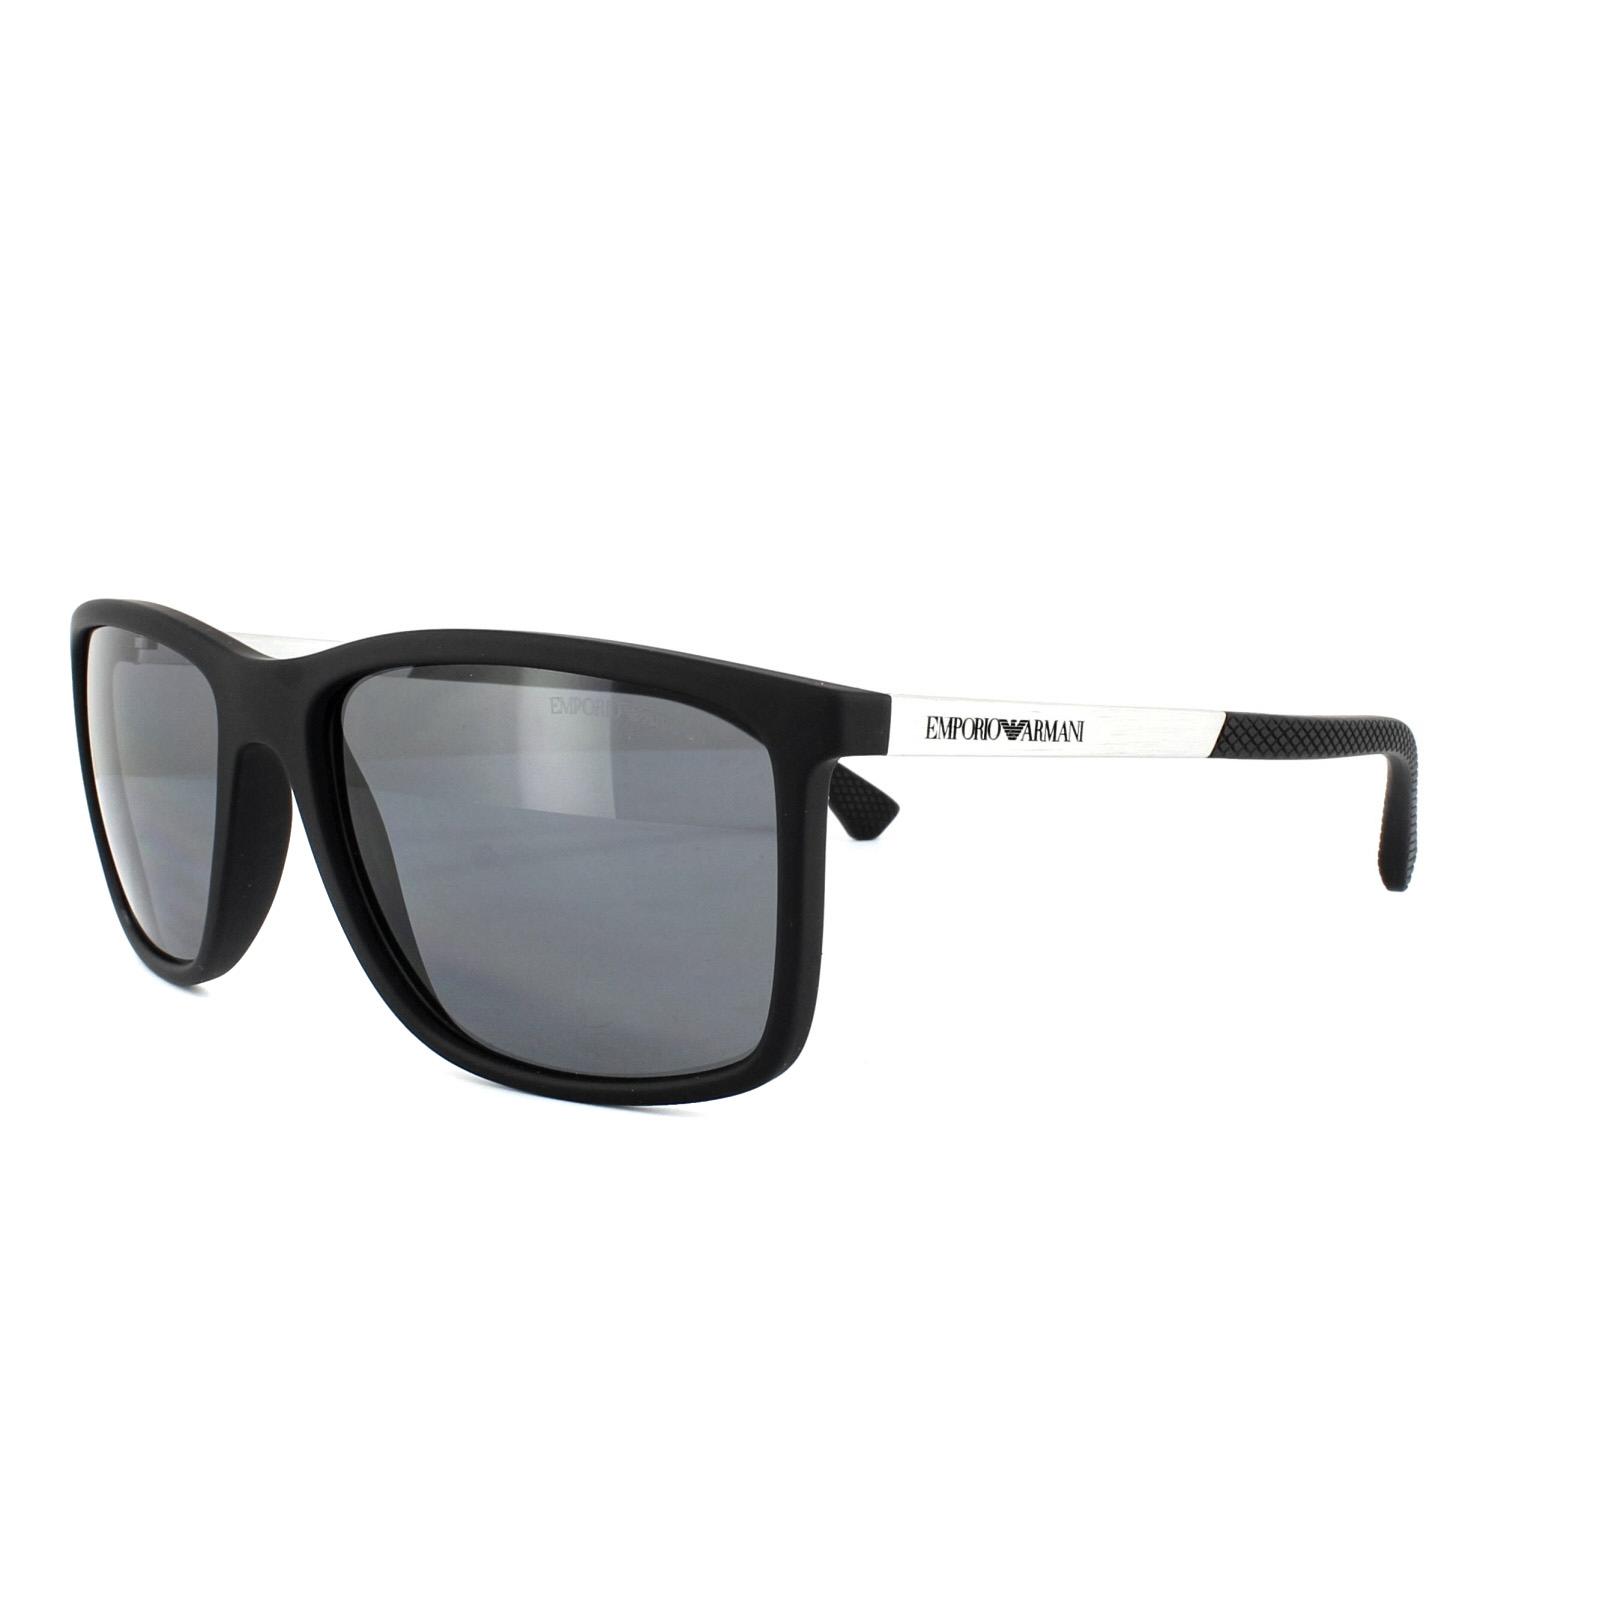 50ef1a5a81a Sentinel Emporio Armani Sunglasses 4058 5063 81 Black Rubber Grey Polarized